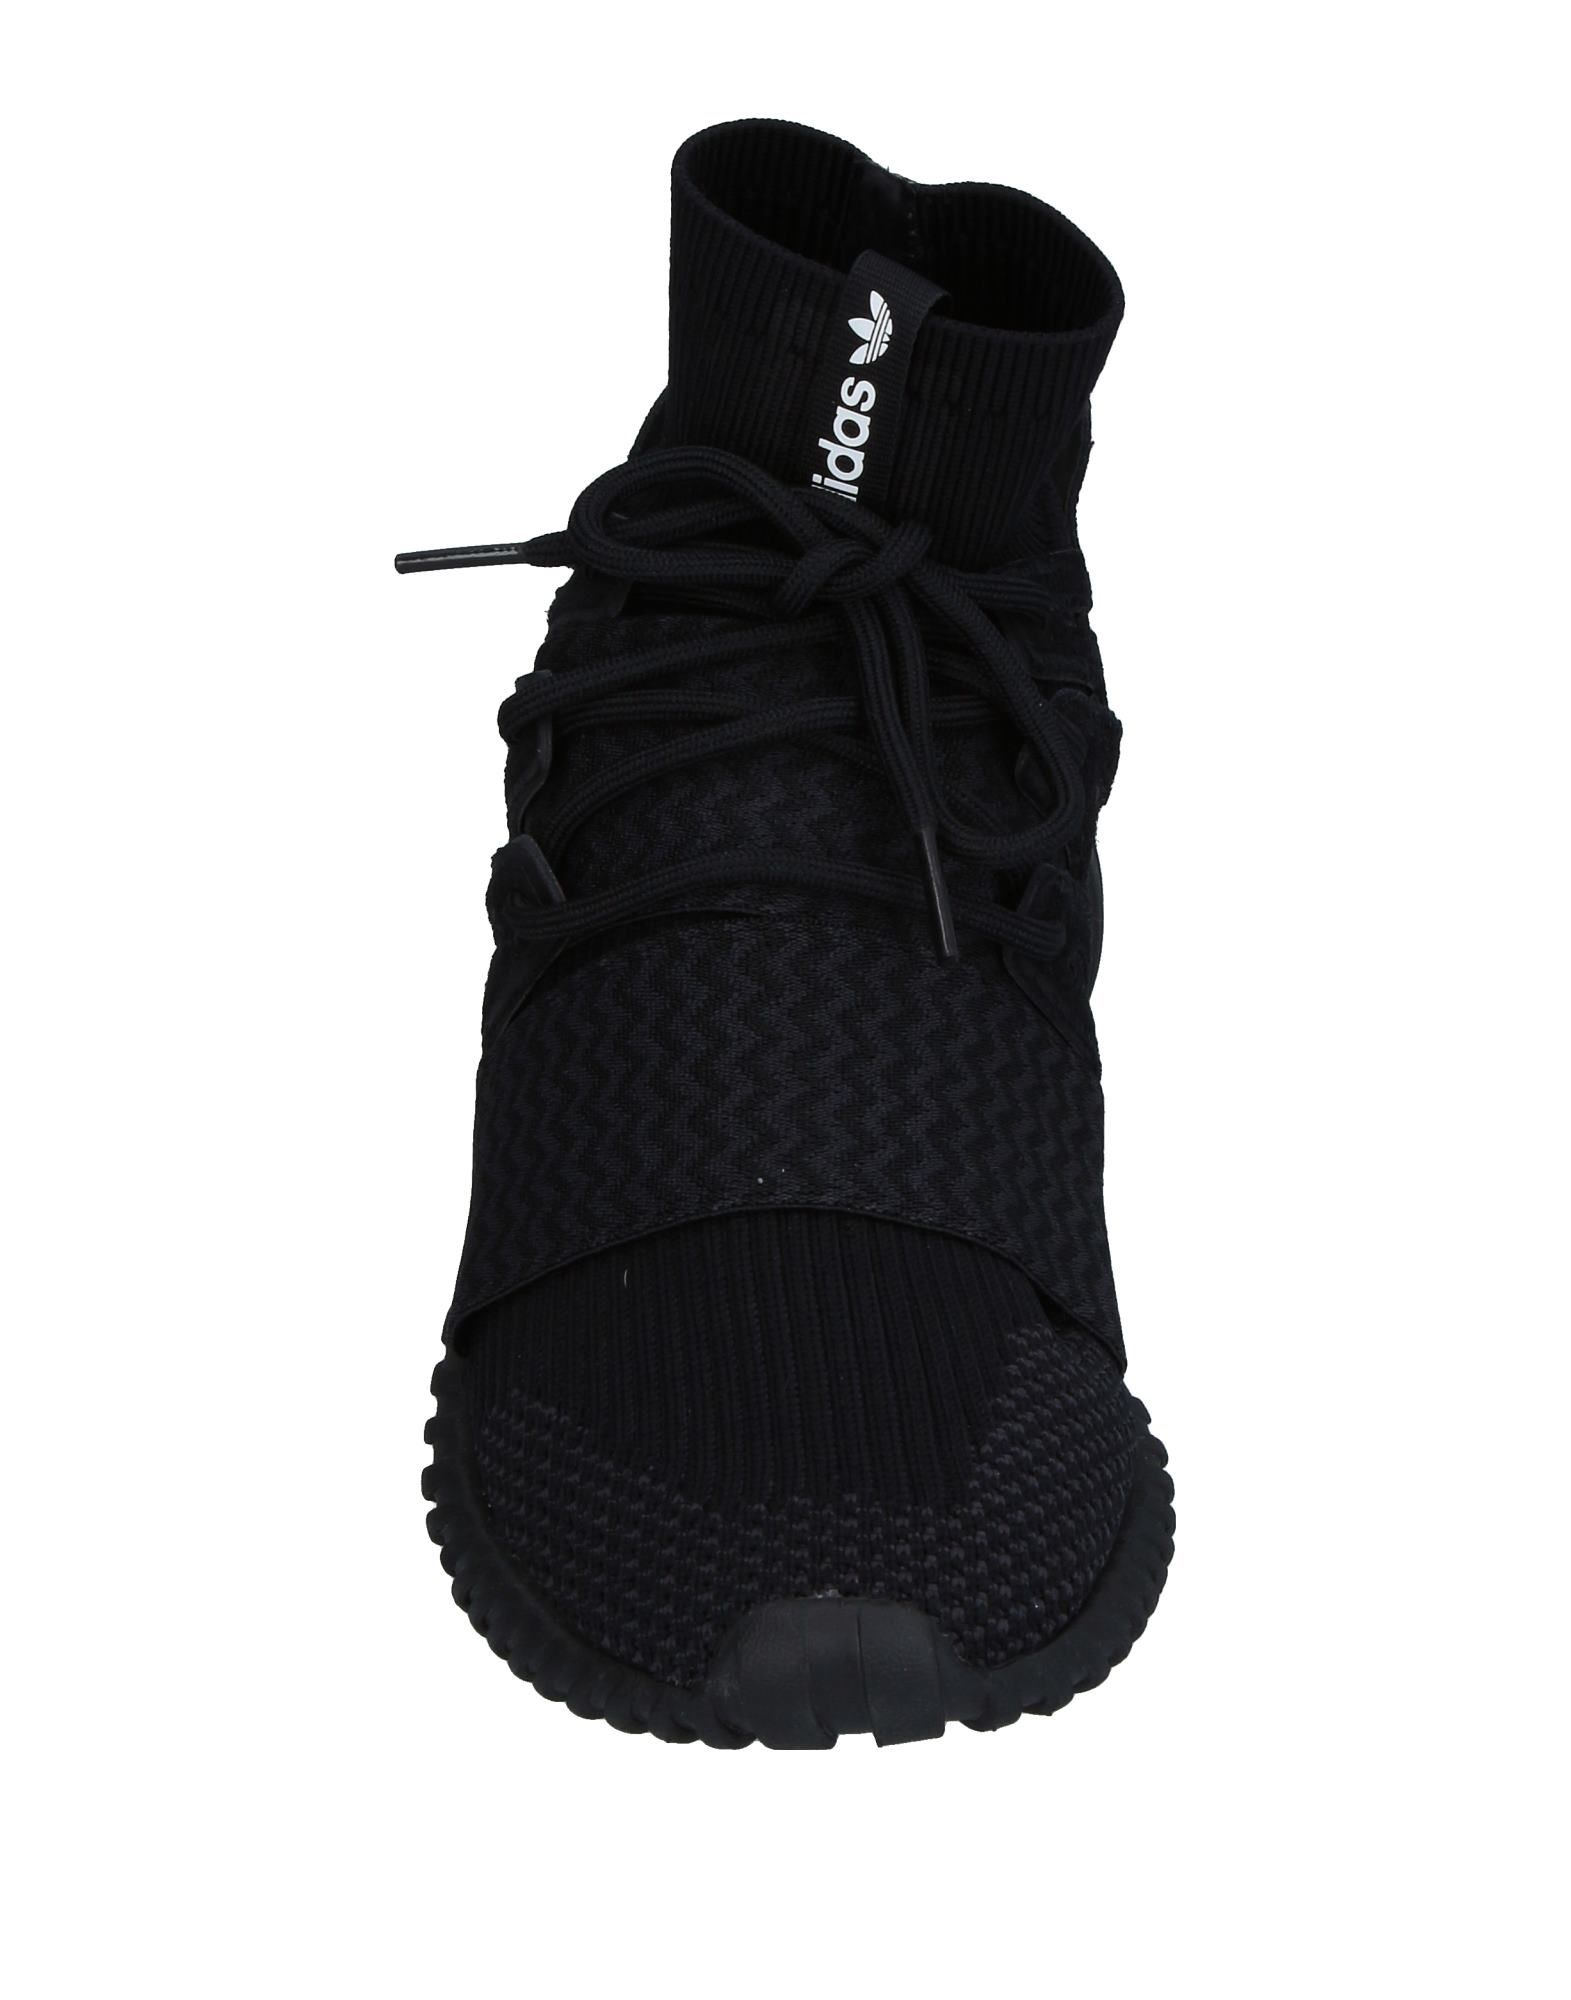 Rabatt echte Schuhe Herren Adidas Originals Sneakers Herren Schuhe  11214958QK 439092